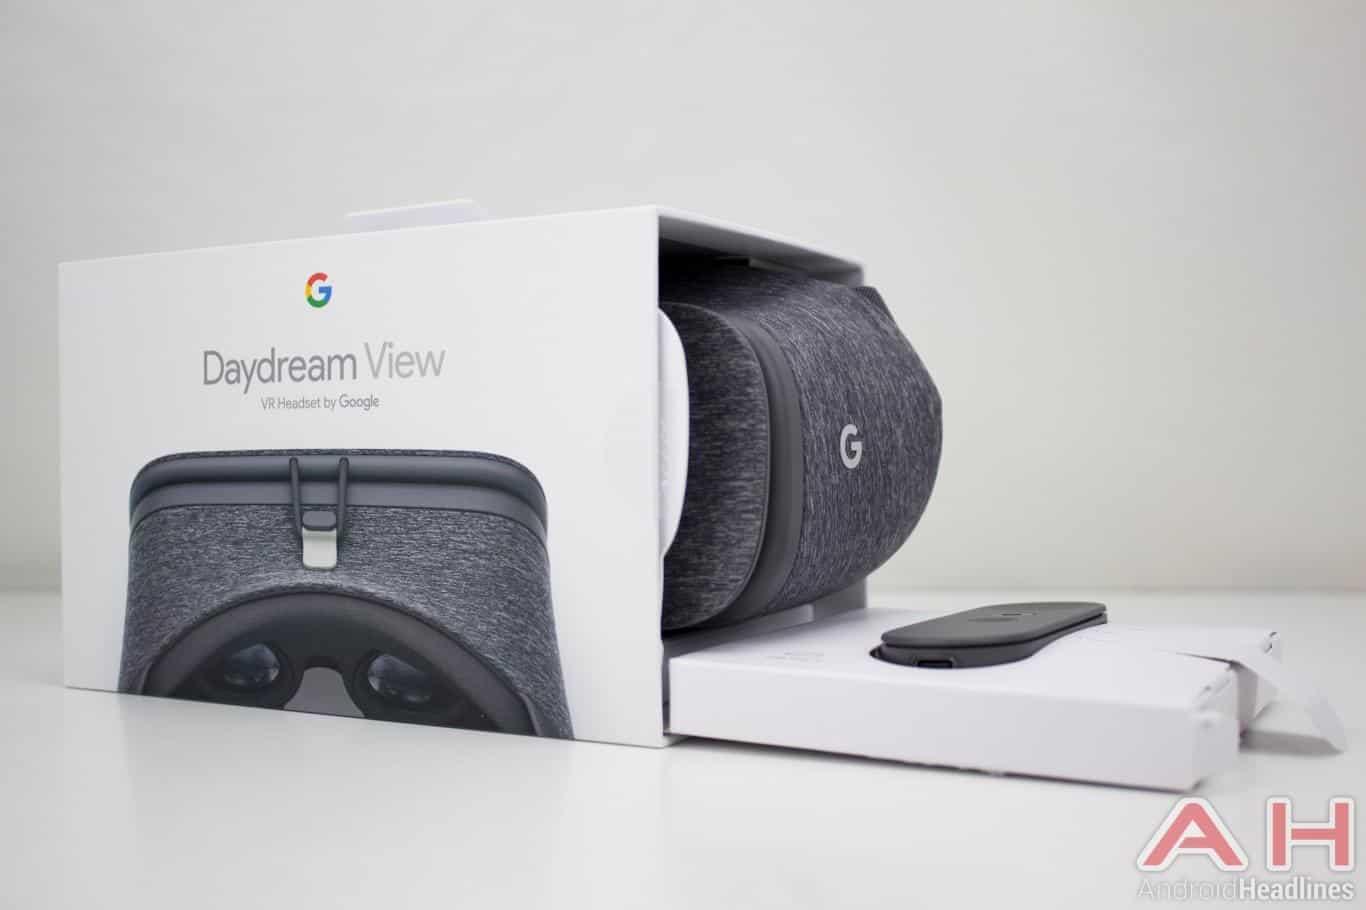 google-daydream-view-vr-ah-ns-box